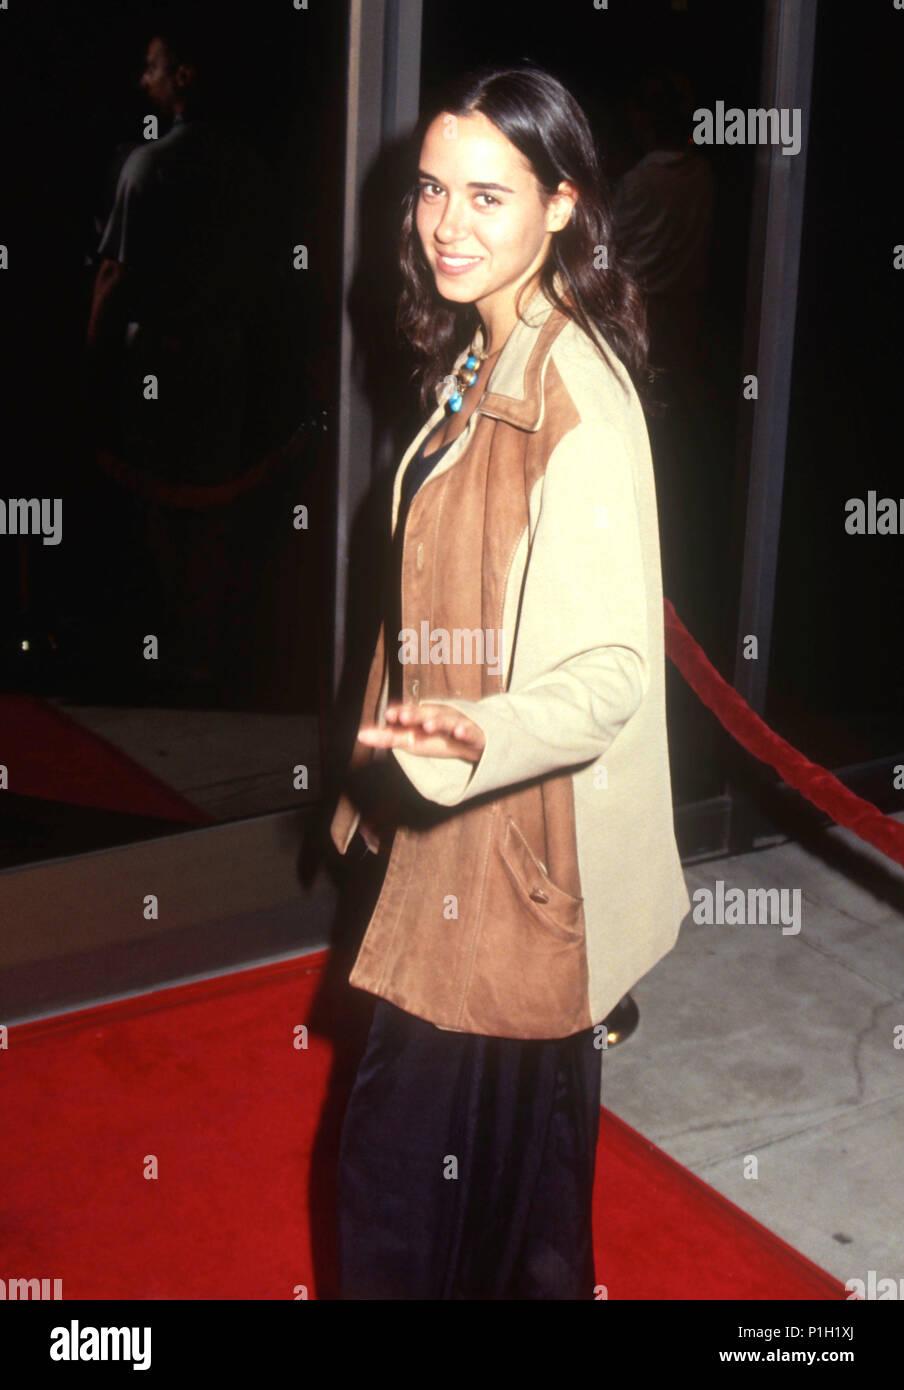 Brigitte Bako Brigitte Bako new photo